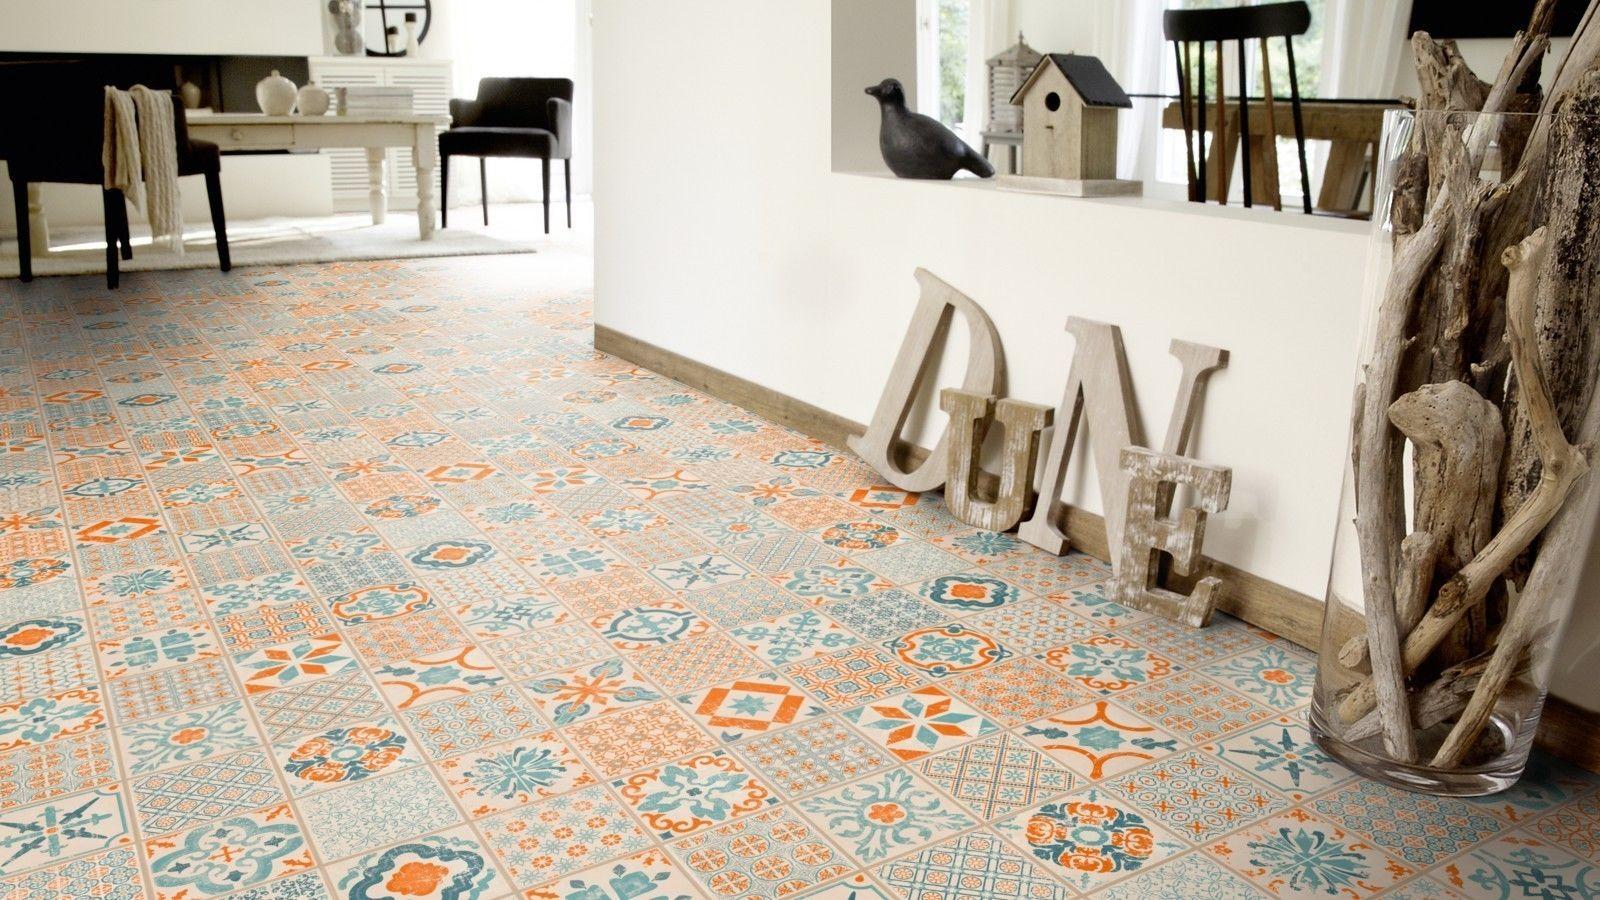 parquet vinyl floor starfloor click 30 orange blue retro tile m4v